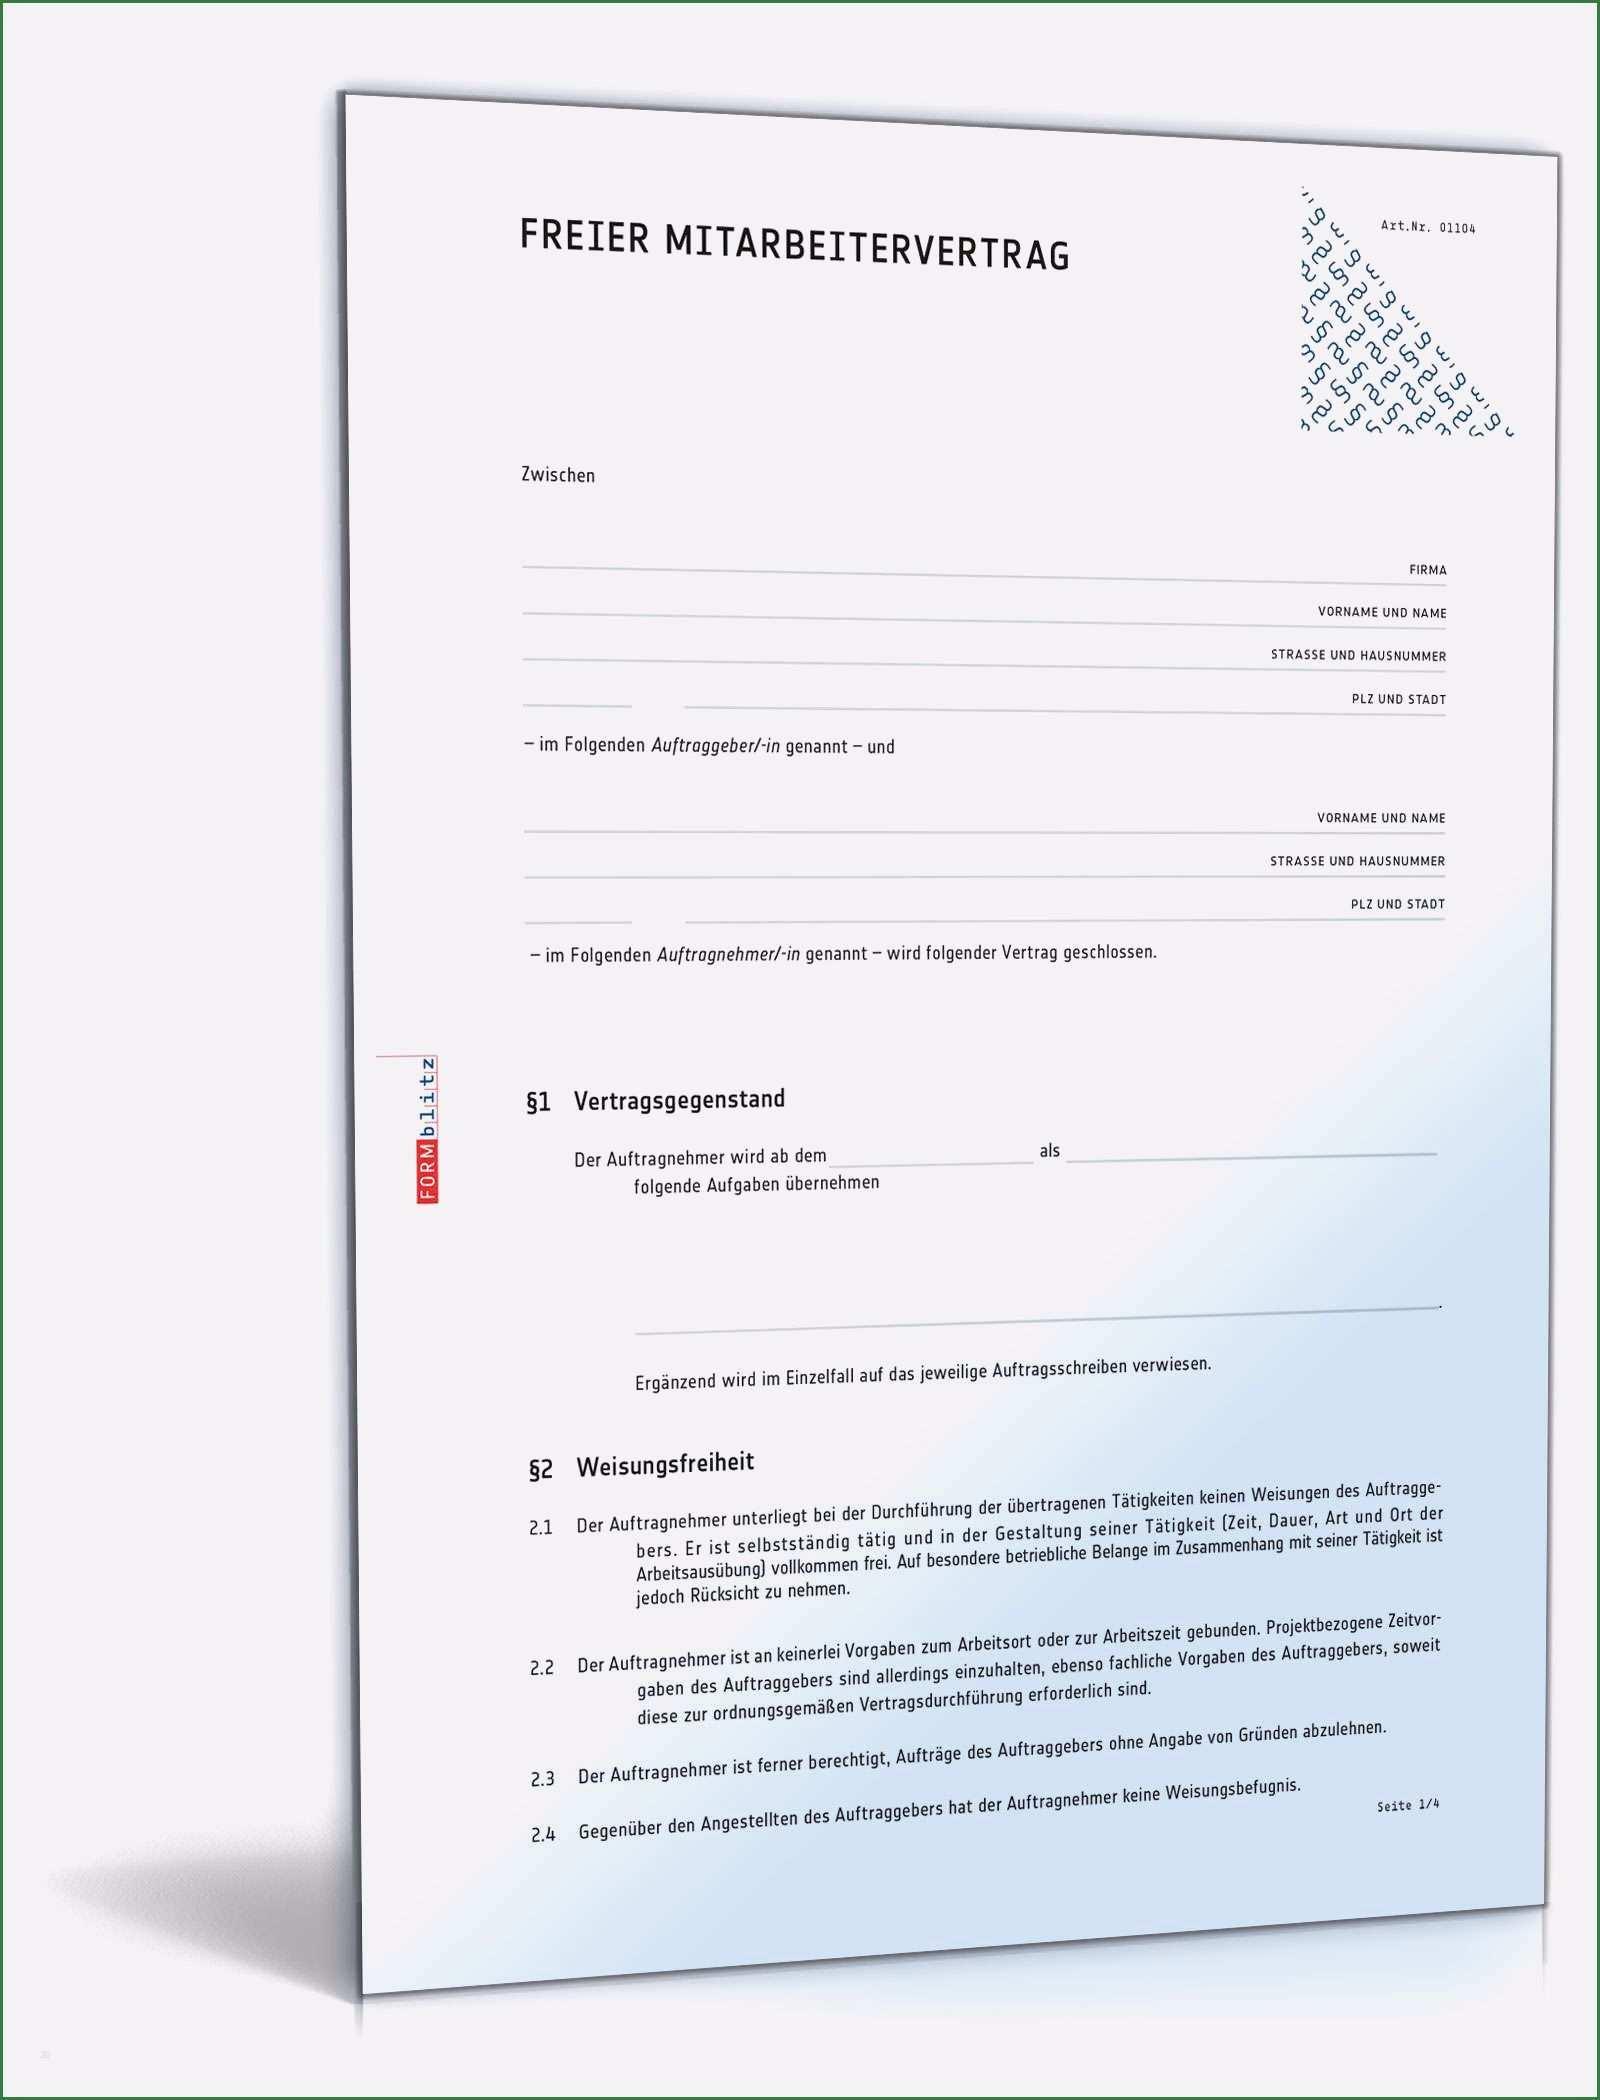 30 Erstaunlich Arbeitsvertrag Freiberufler Vorlage Bilder In 2020 Vorlagen Word Businessplan Vorlage Briefkopf Vorlage